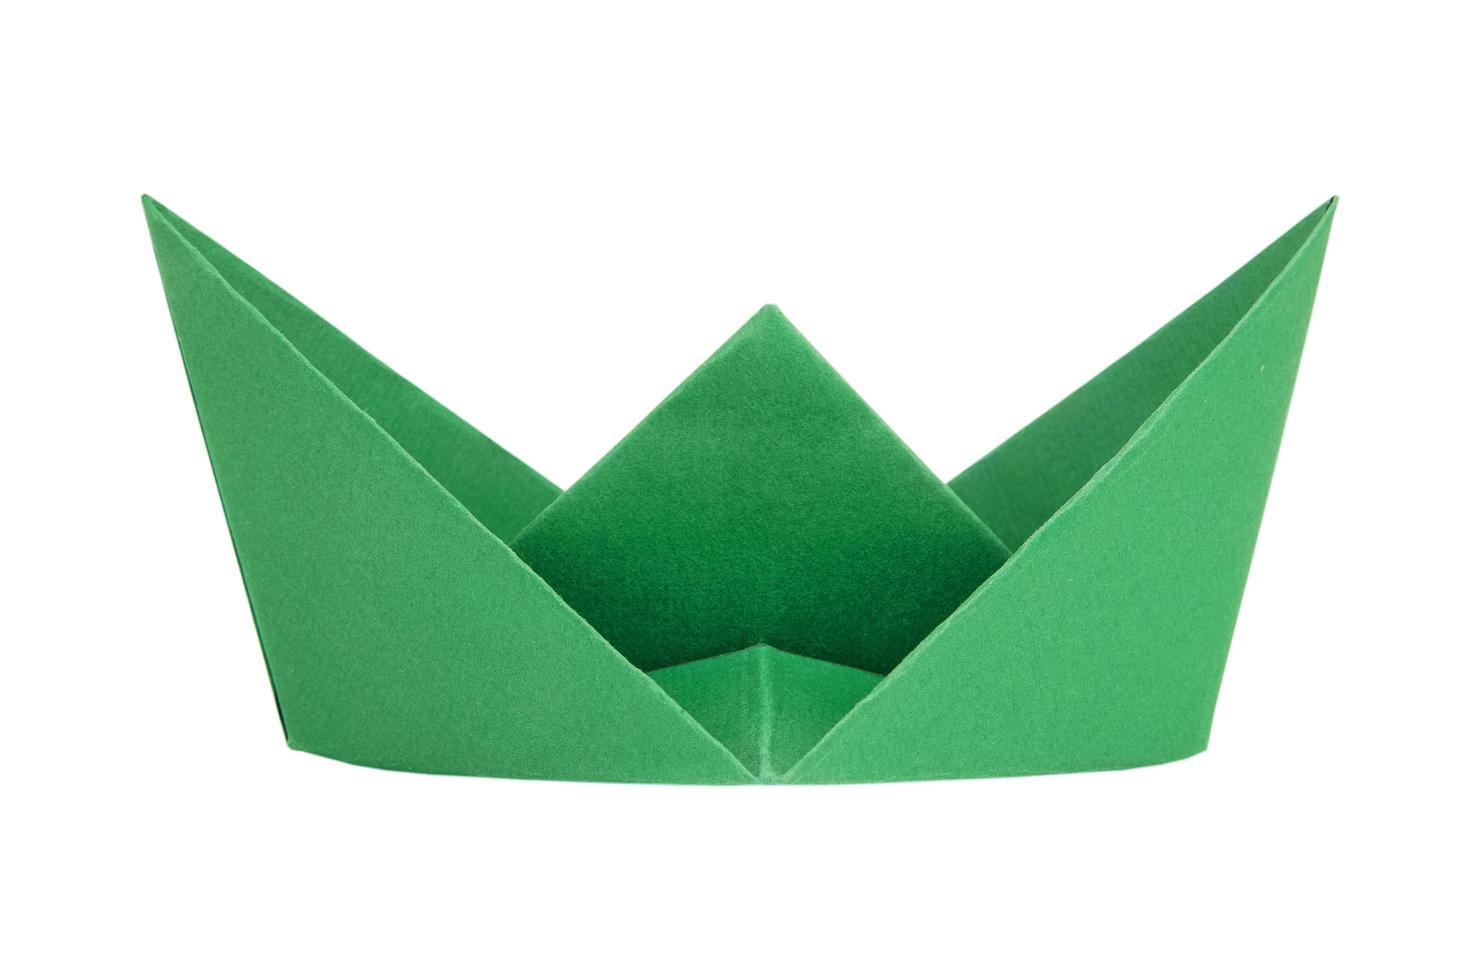 barca di carta verde foto